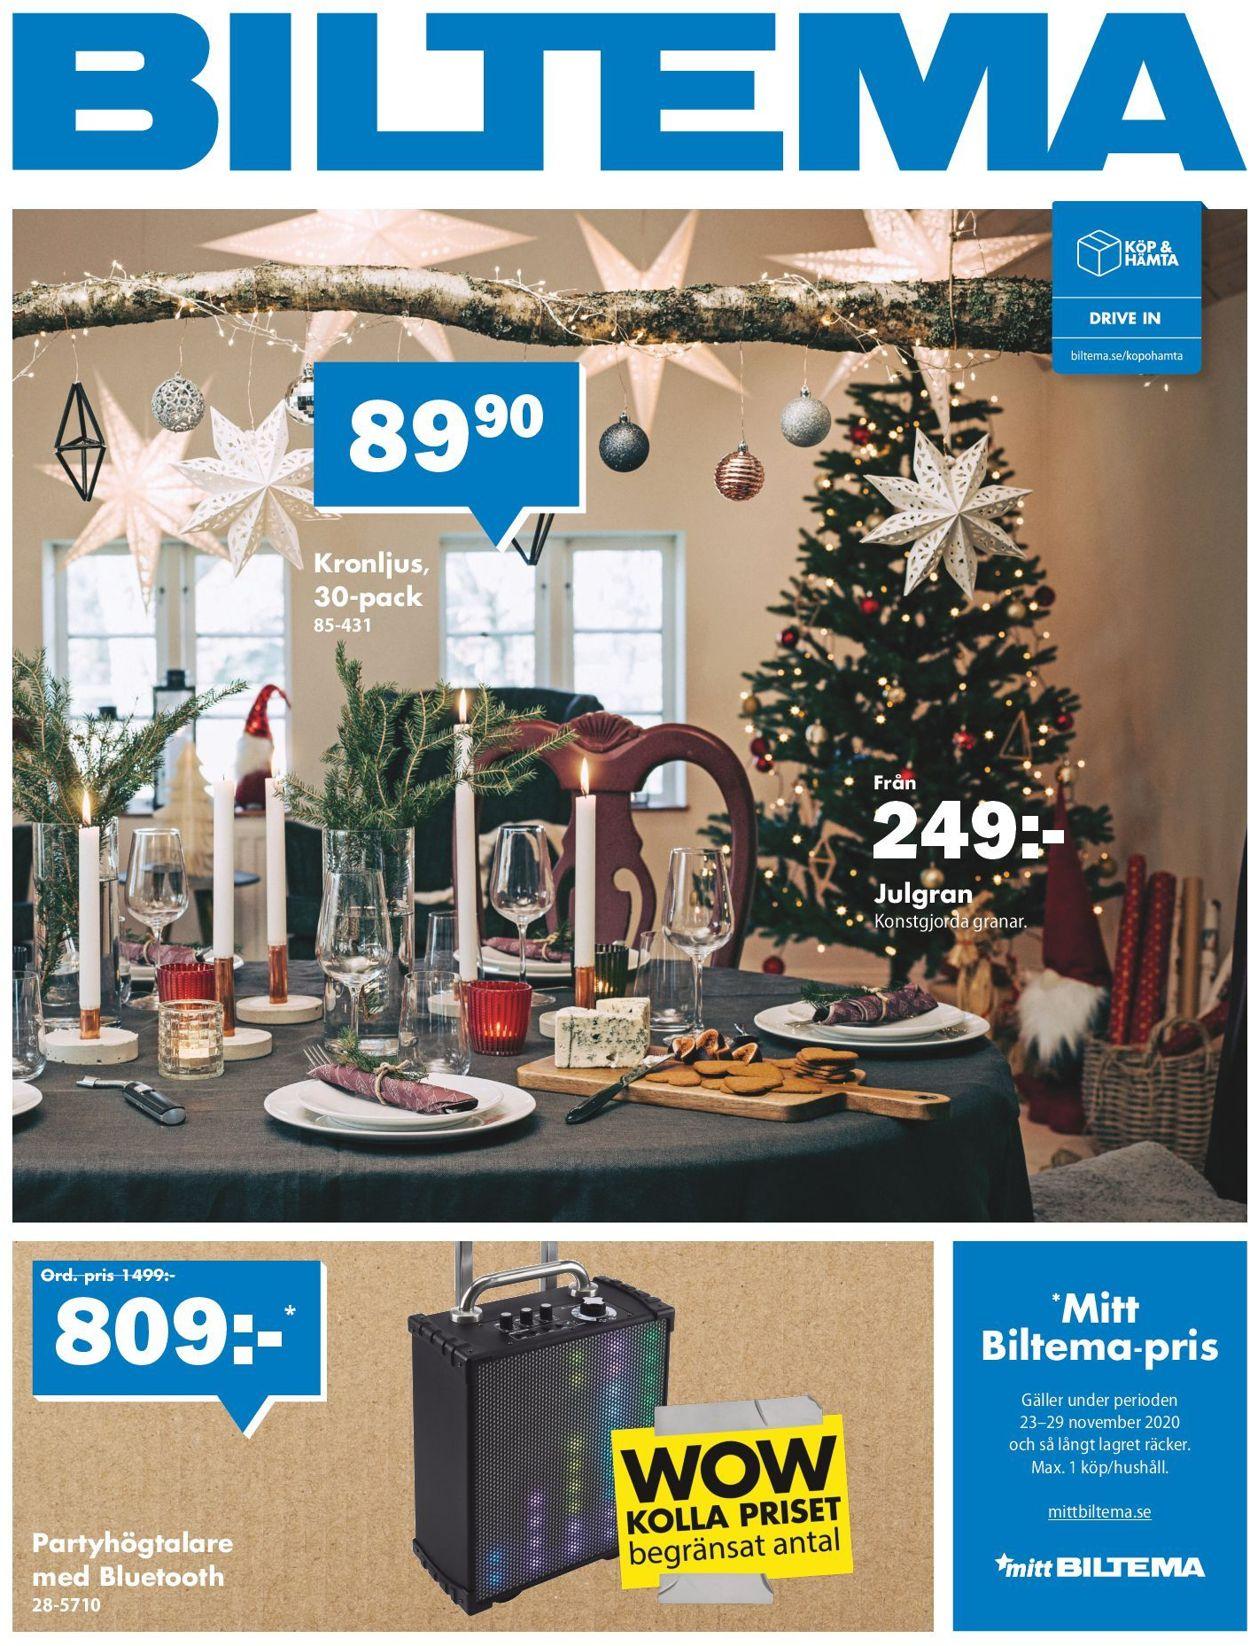 Reklamblad Biltema Julen 2020 från 23/11-2020